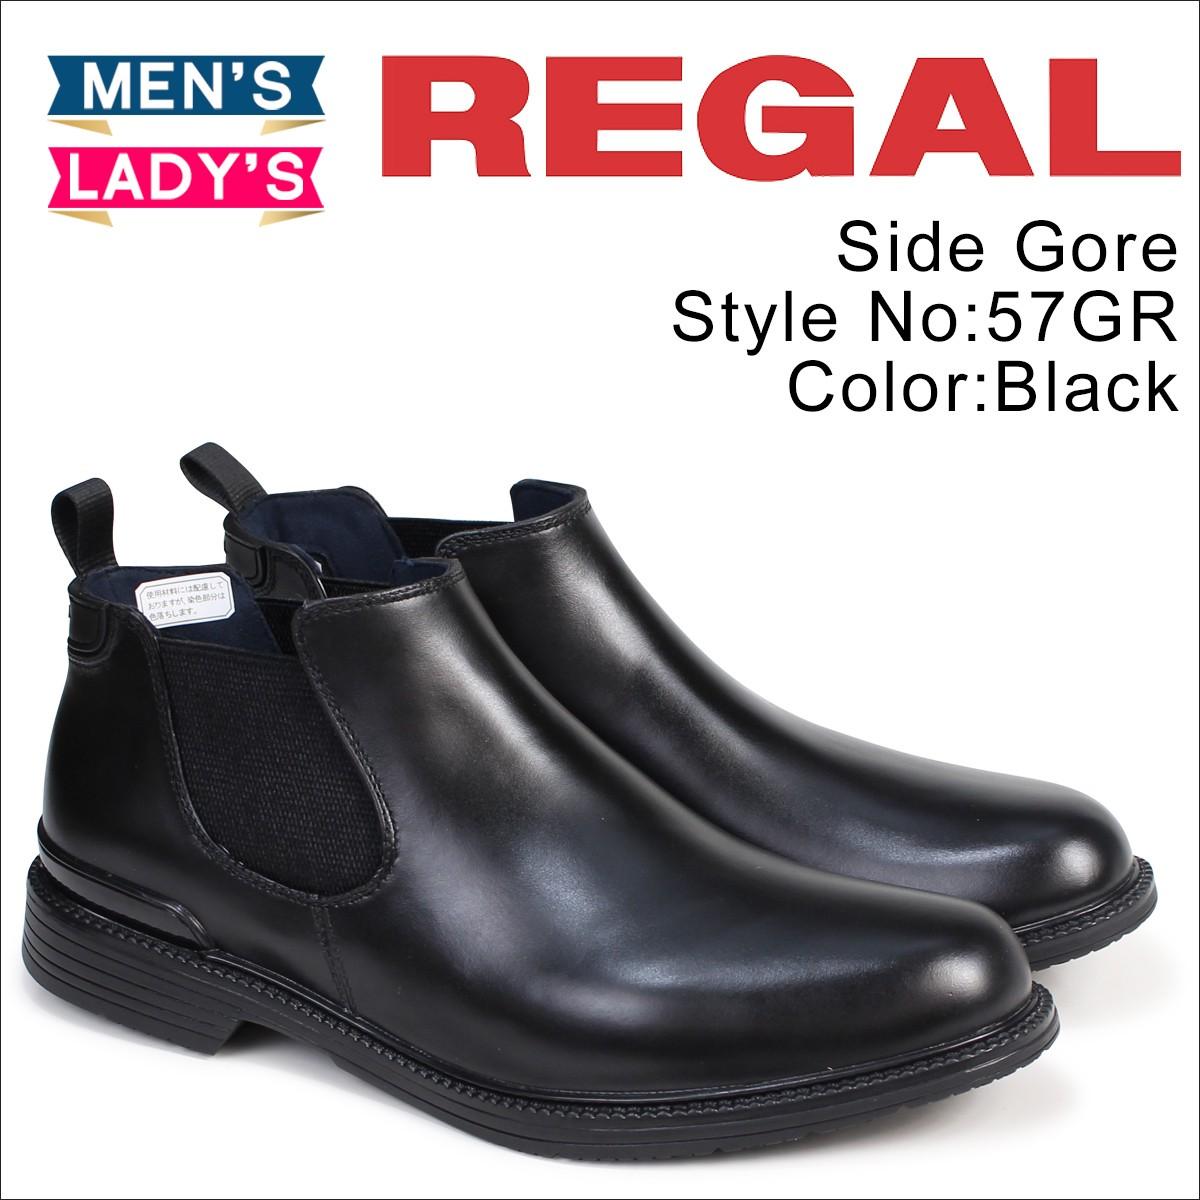 リーガル 靴 メンズ レディース REGAL レインブーツ 57GR ビジネスシューズ サイドゴア ブラック 防水 [1/20 追加入荷]